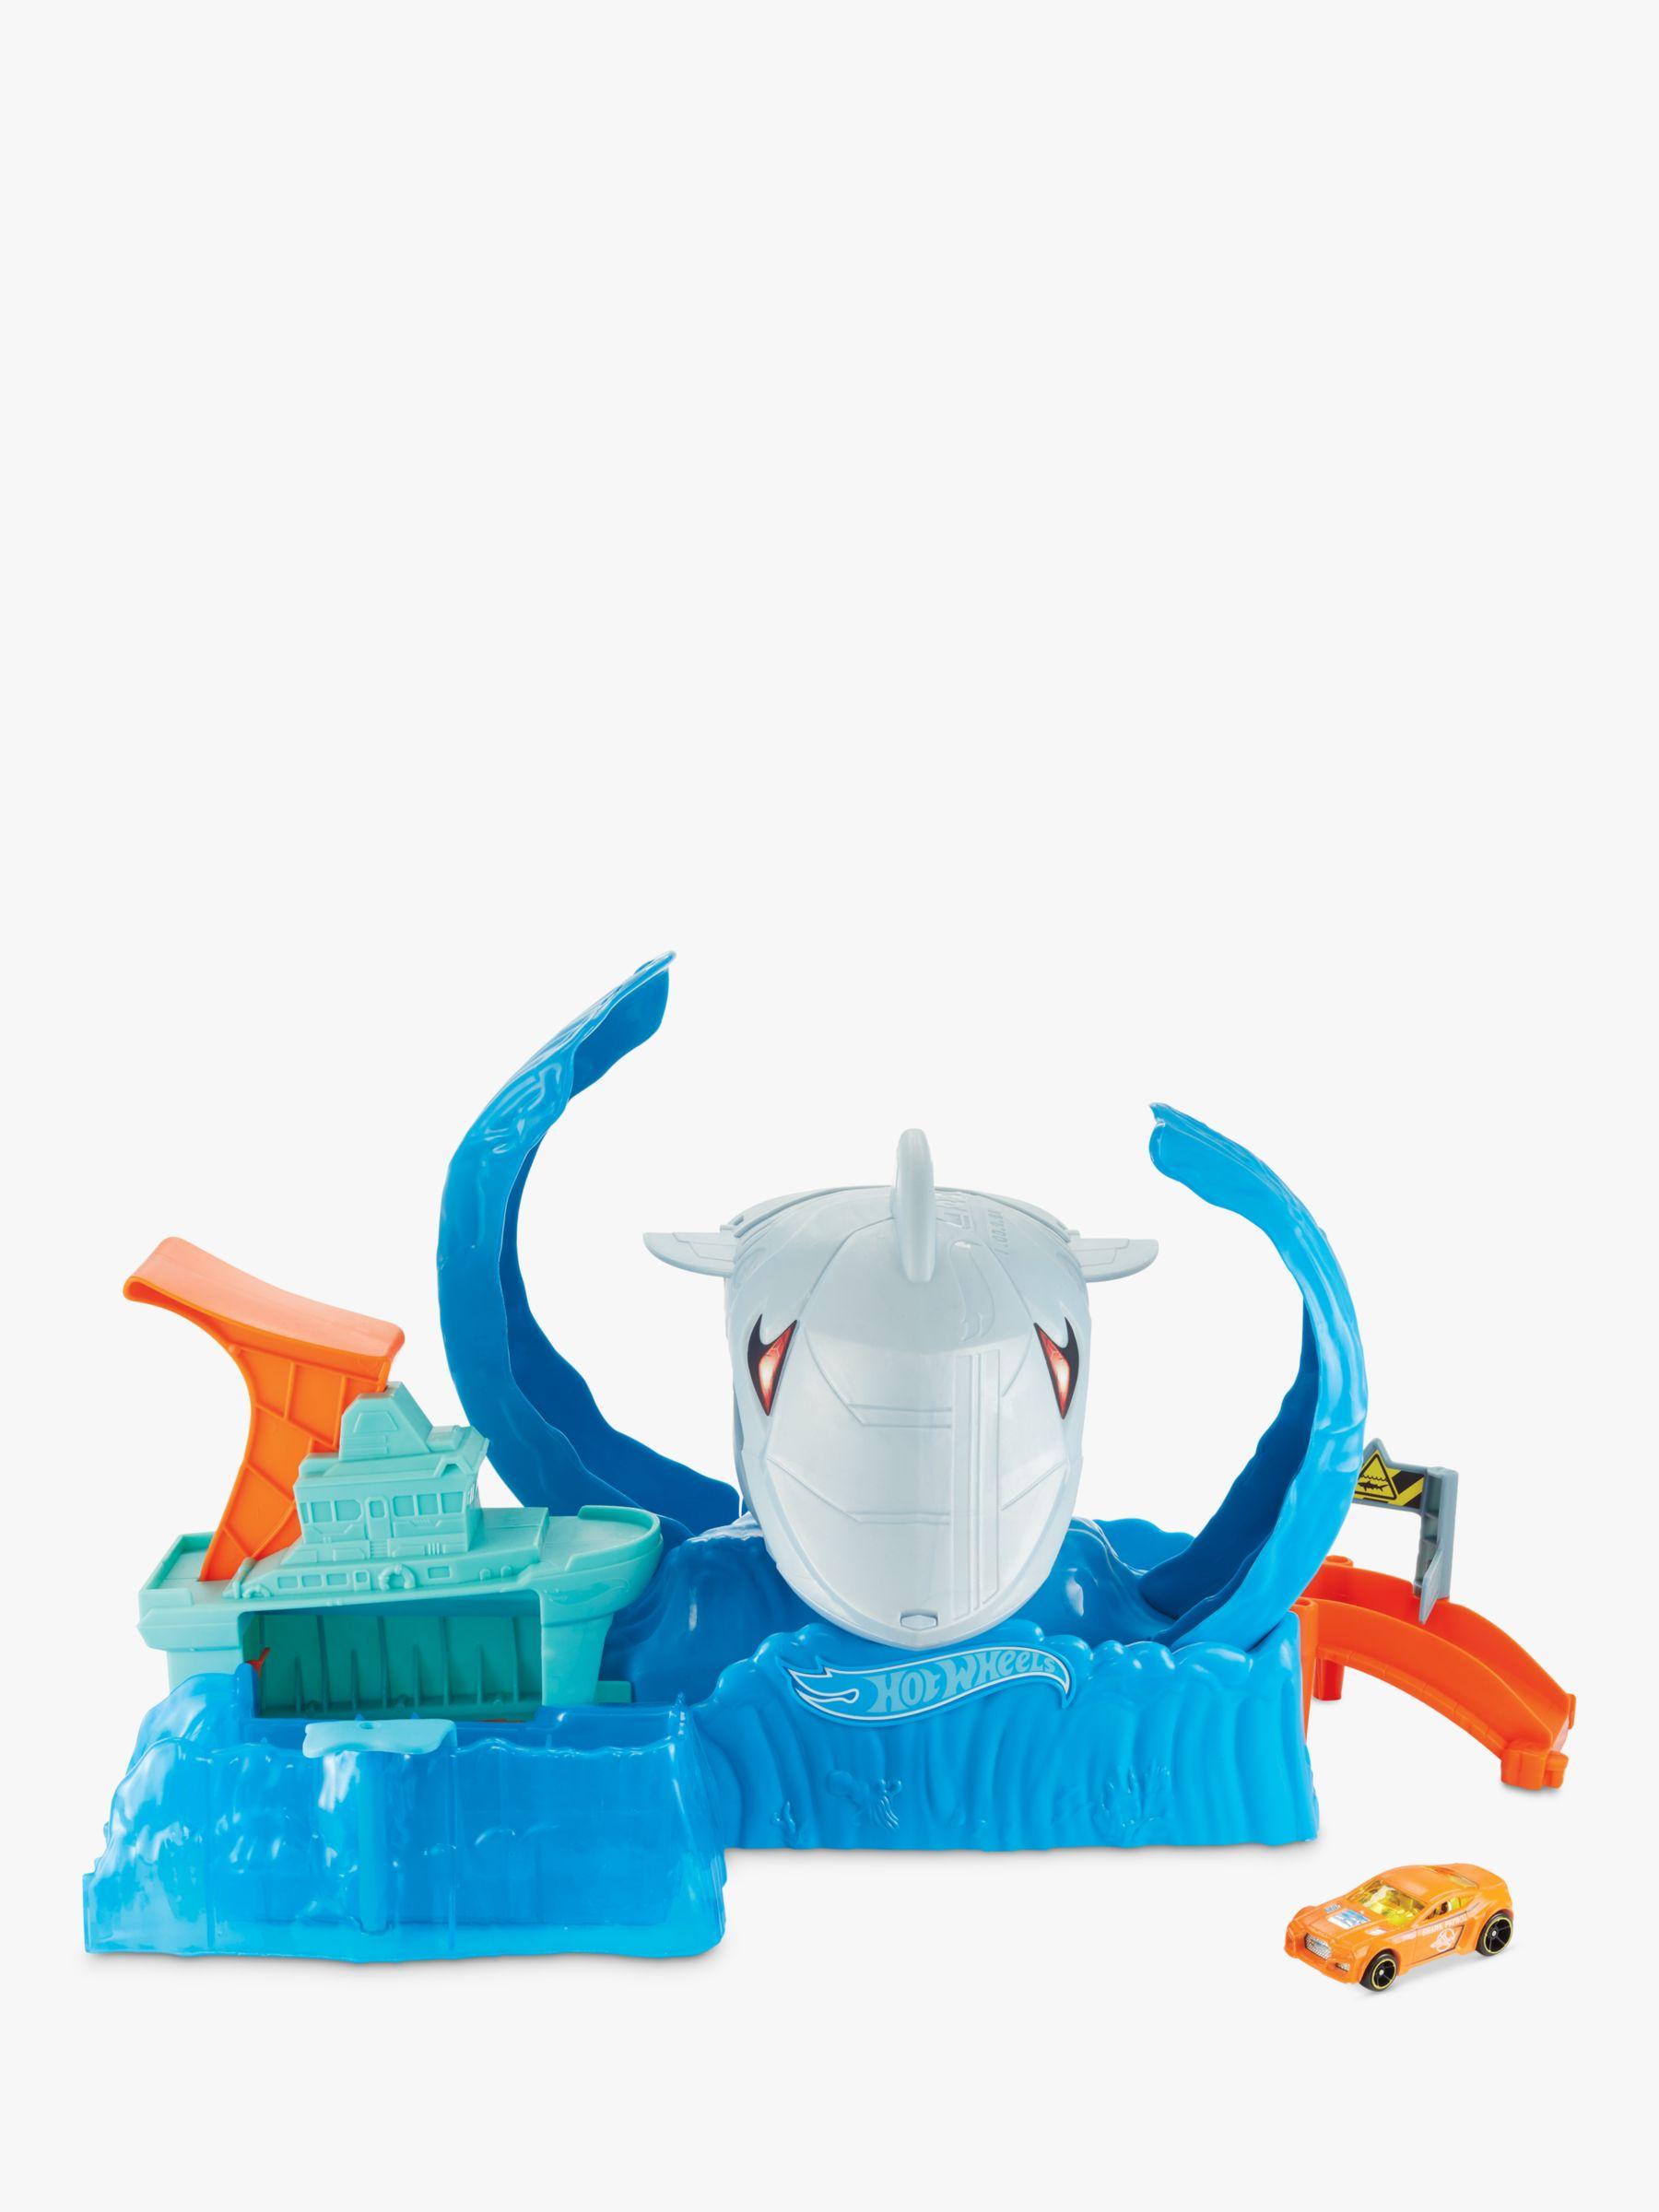 Hot Wheels Hot Wheels City Robo Shark Frenzy